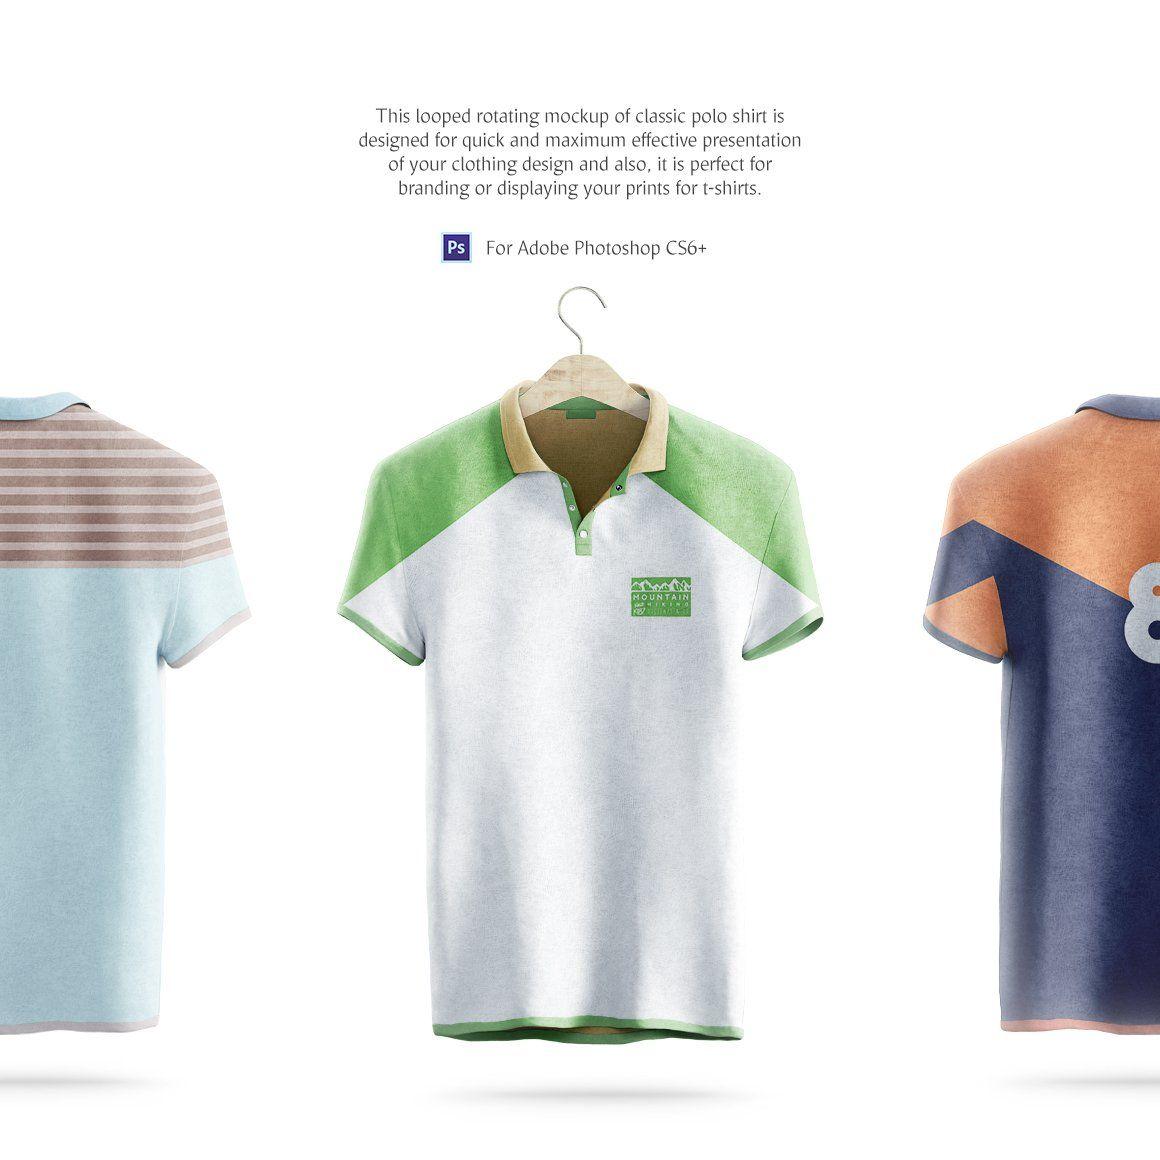 Download Polo Shirt Animated Mockup Polo Shirt Design Polo Shirt Polo Shirt Colors